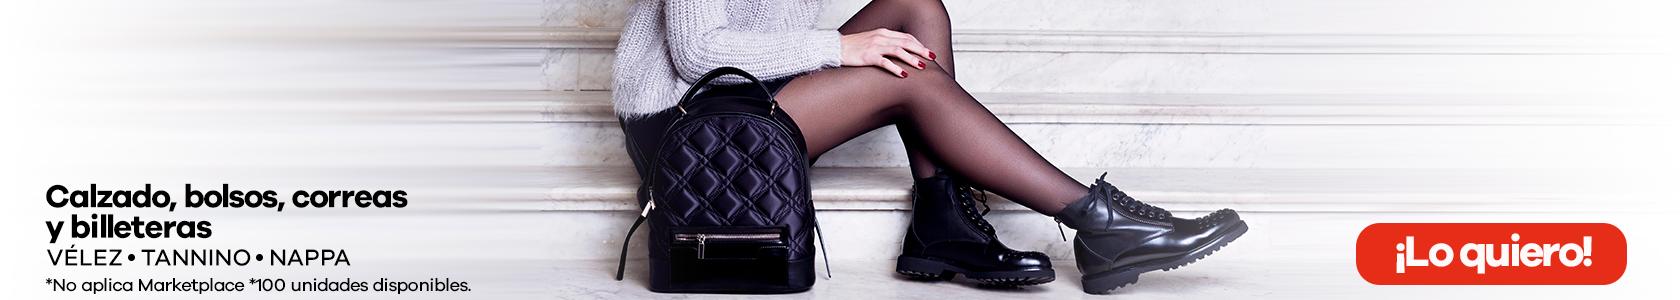 Calzado, bolsos, correas y billeteras